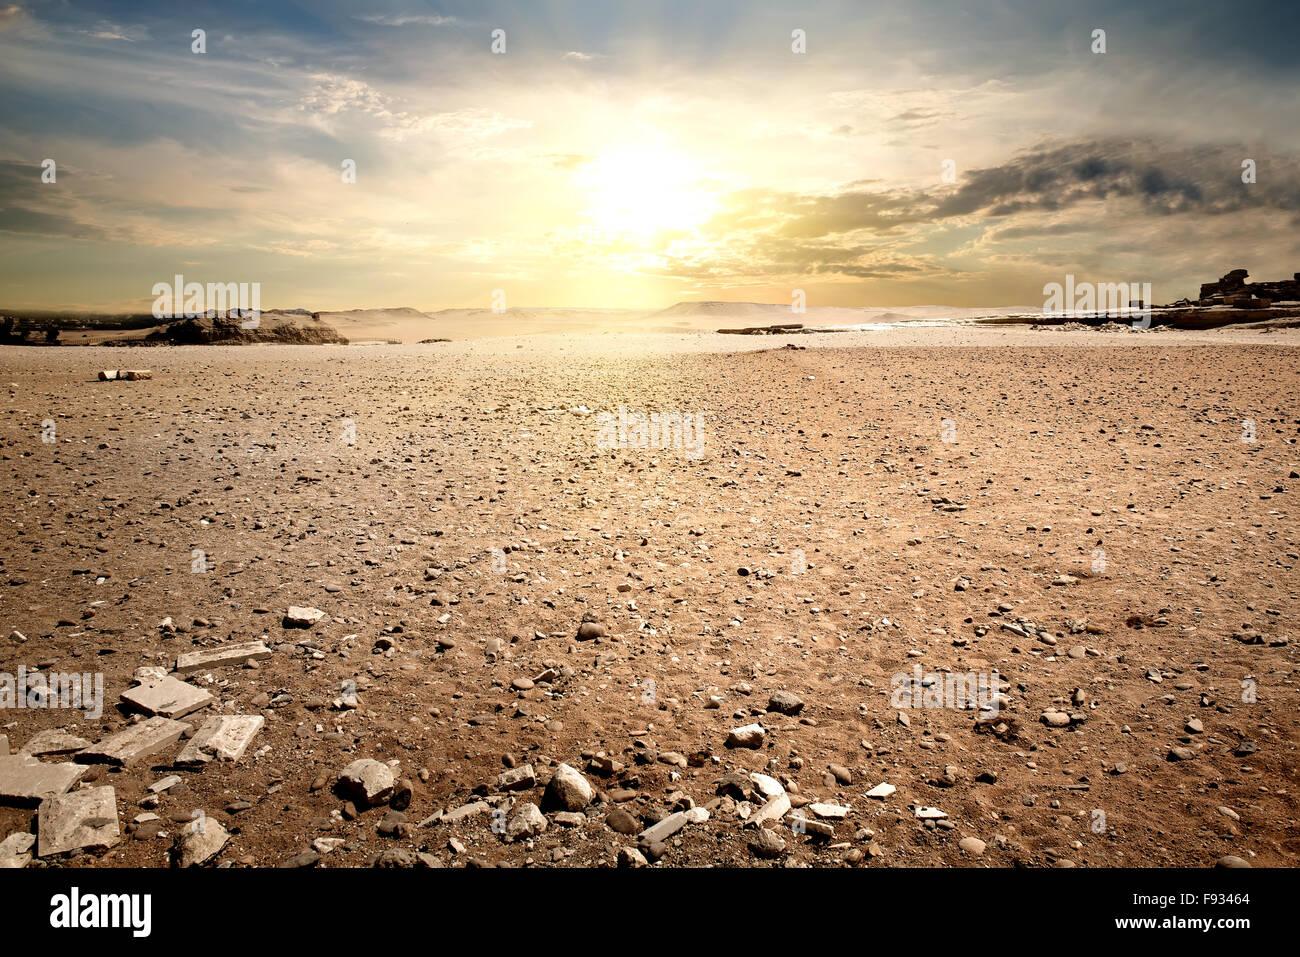 Bewölkter Himmel in steinigen Wüste von Ägypten Stockbild